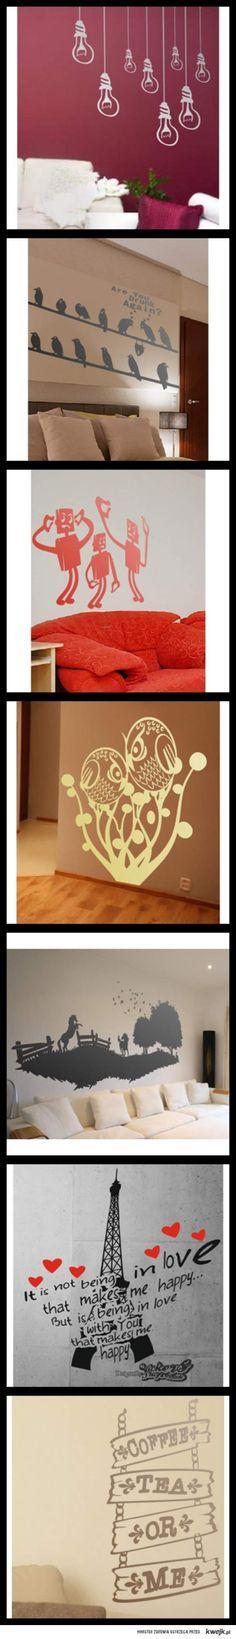 Mój kumpel robi takie naklejki na ściany, świetna opcja :]